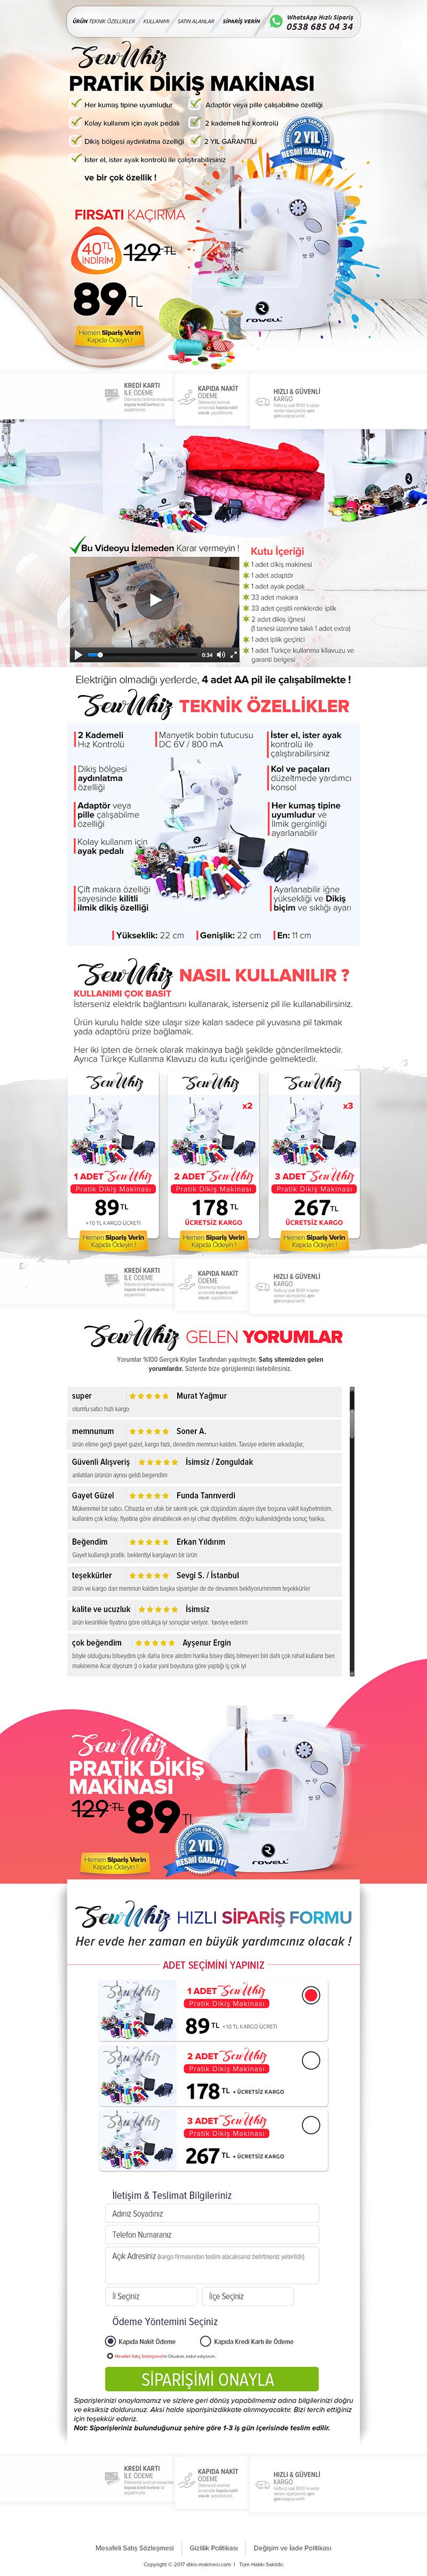 Rowell-Dikis-Makinasi-Web-Page(MRT)